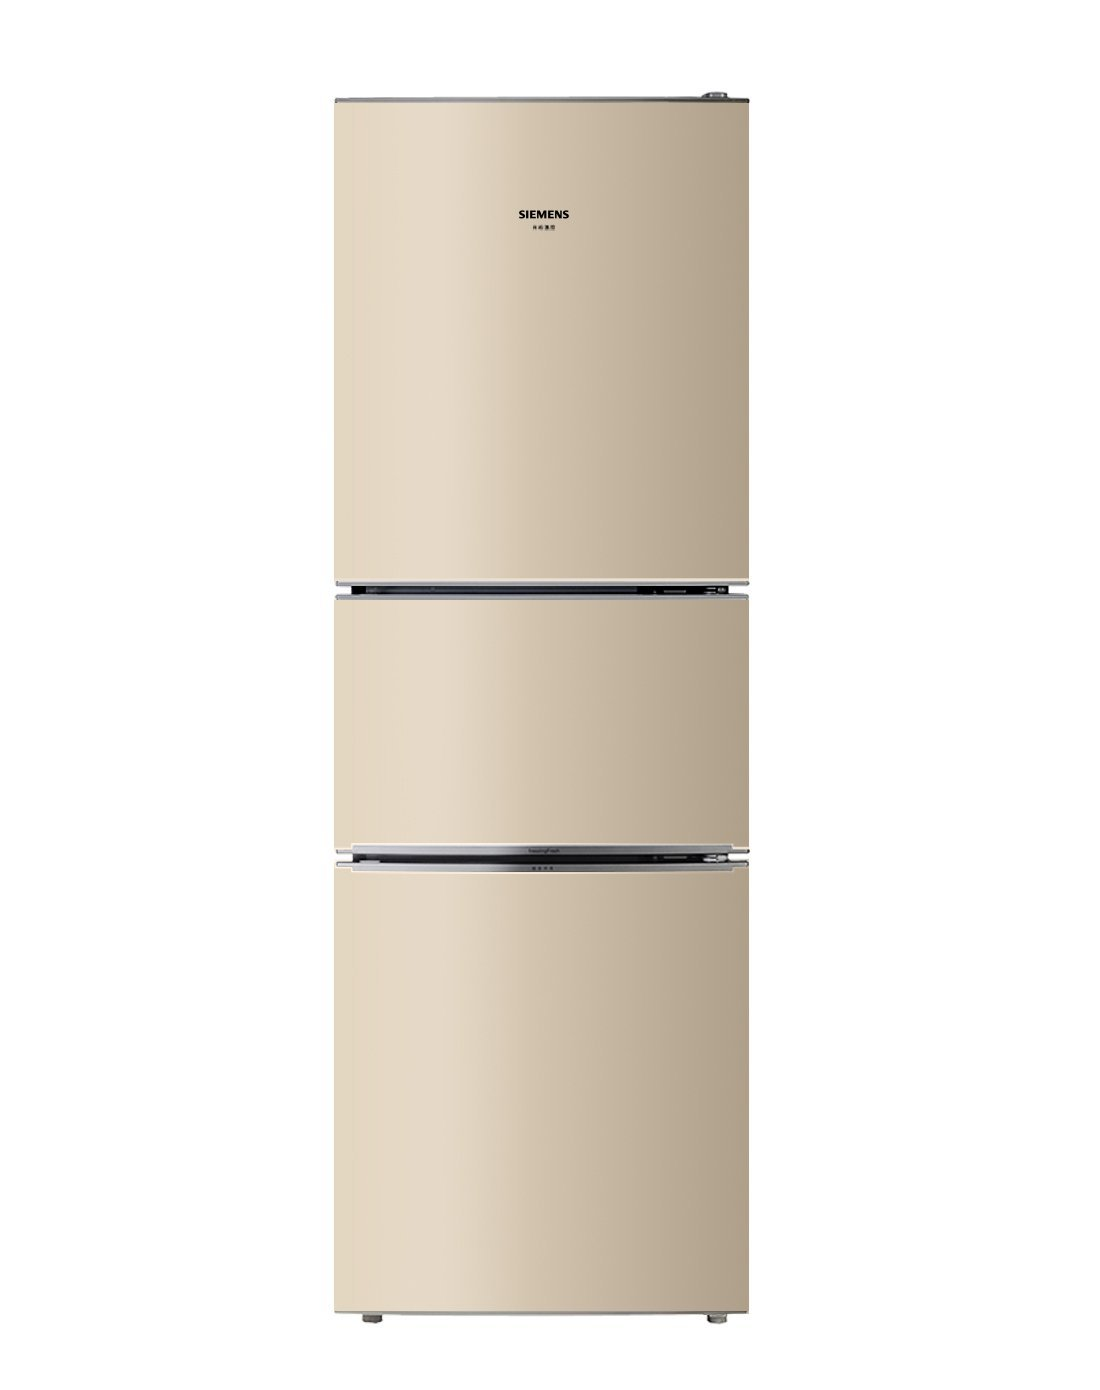 SIEMENS Siemens KG23D113EW 232L tầng phân vùng đông lạnh đóng hộp không mùi câm tiết kiệm điện ba cử